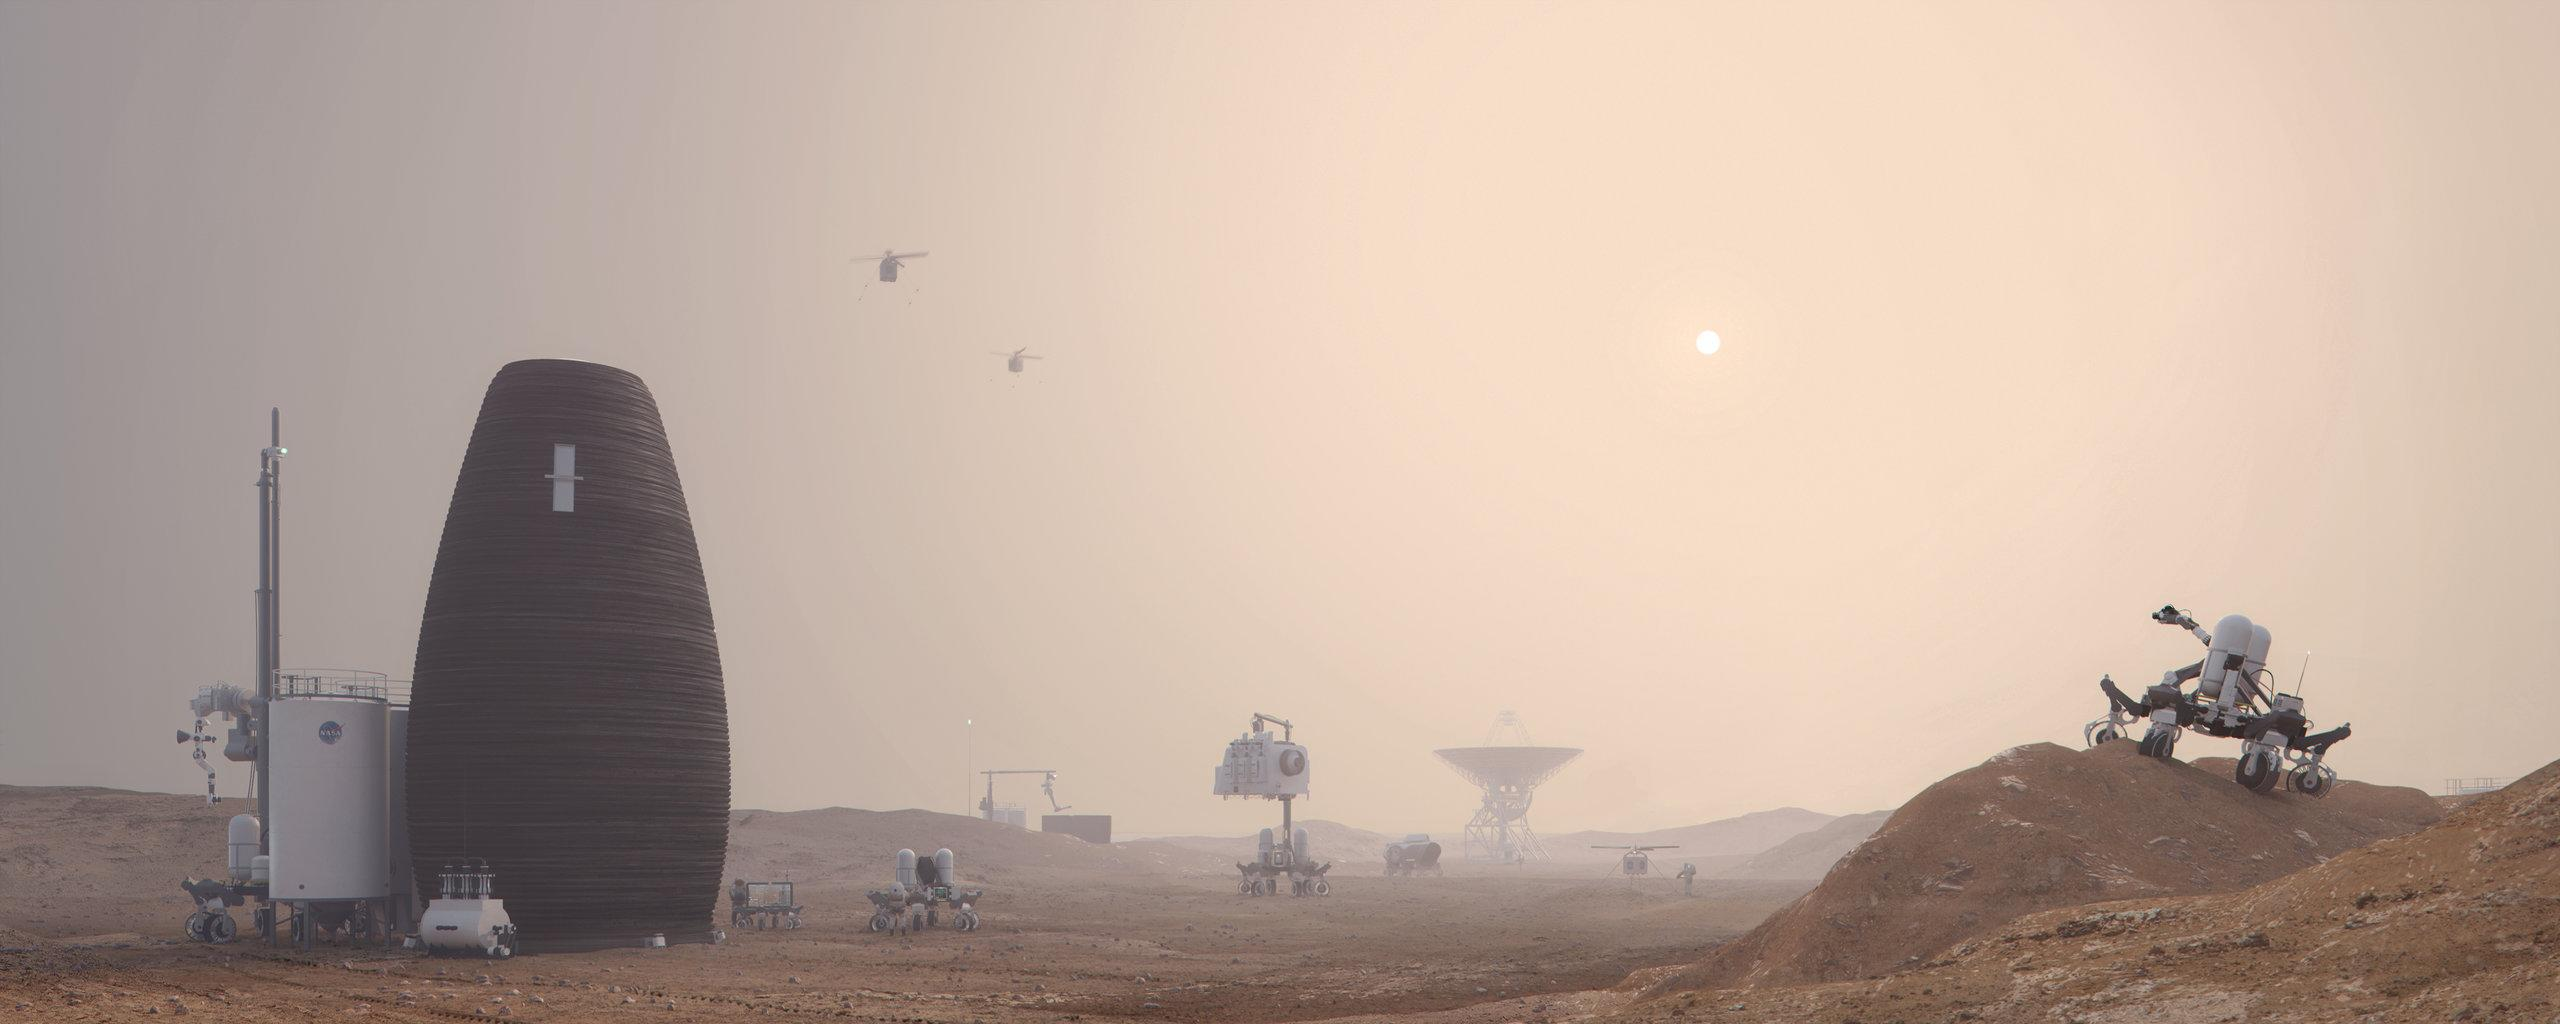 mars mission 2019 - 986×555